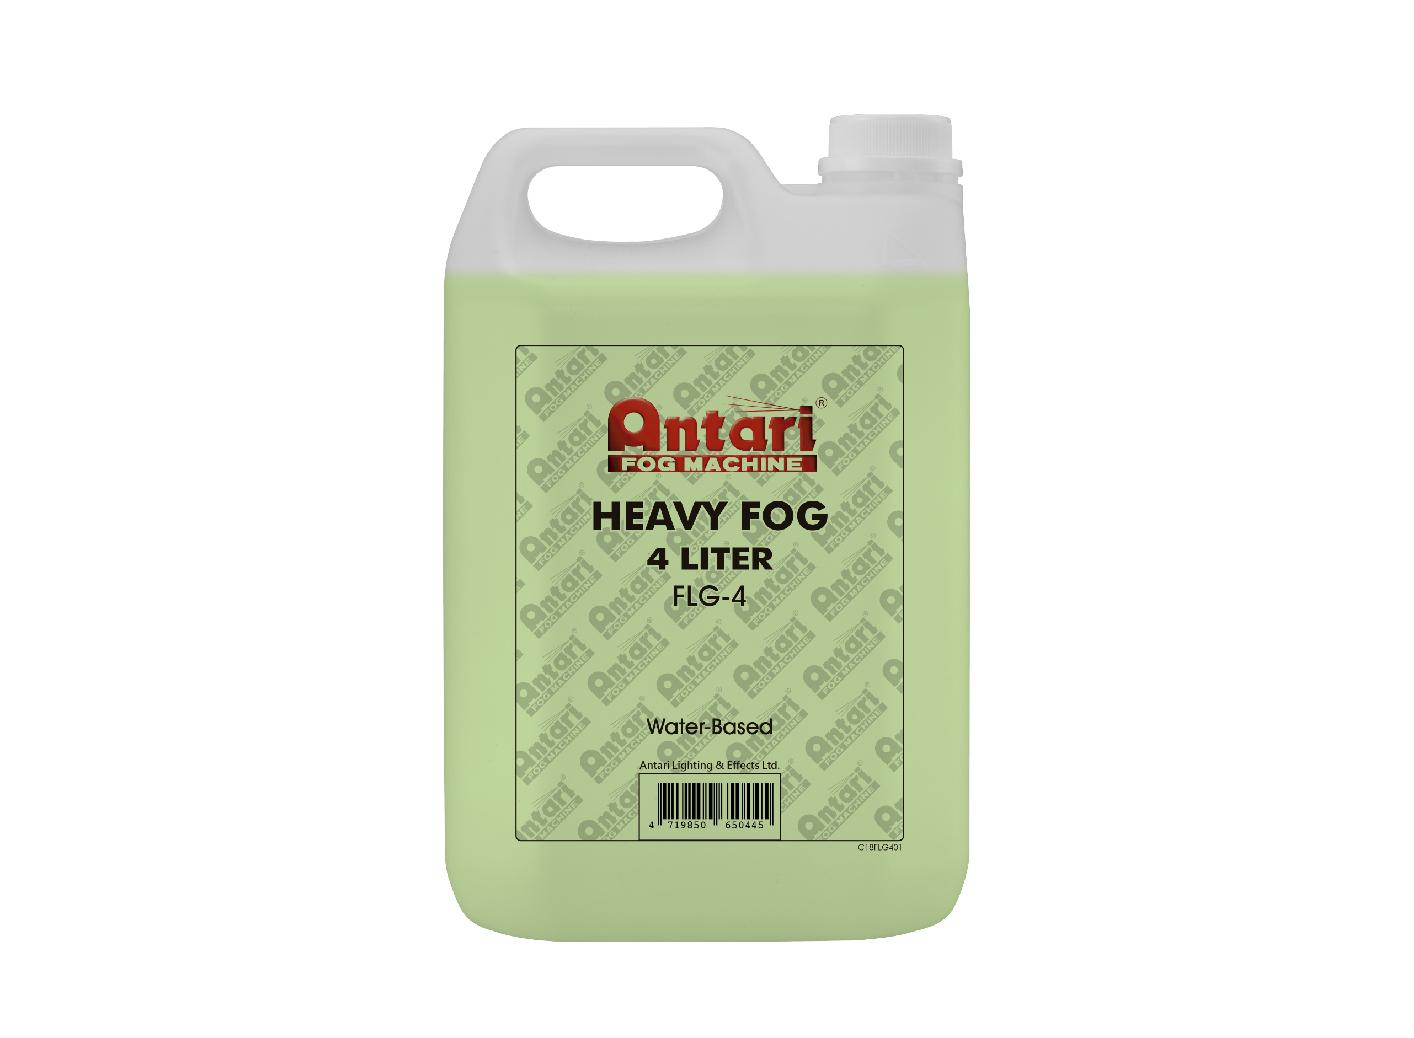 Fluid_FLG-4 Heavy Fog Fluid